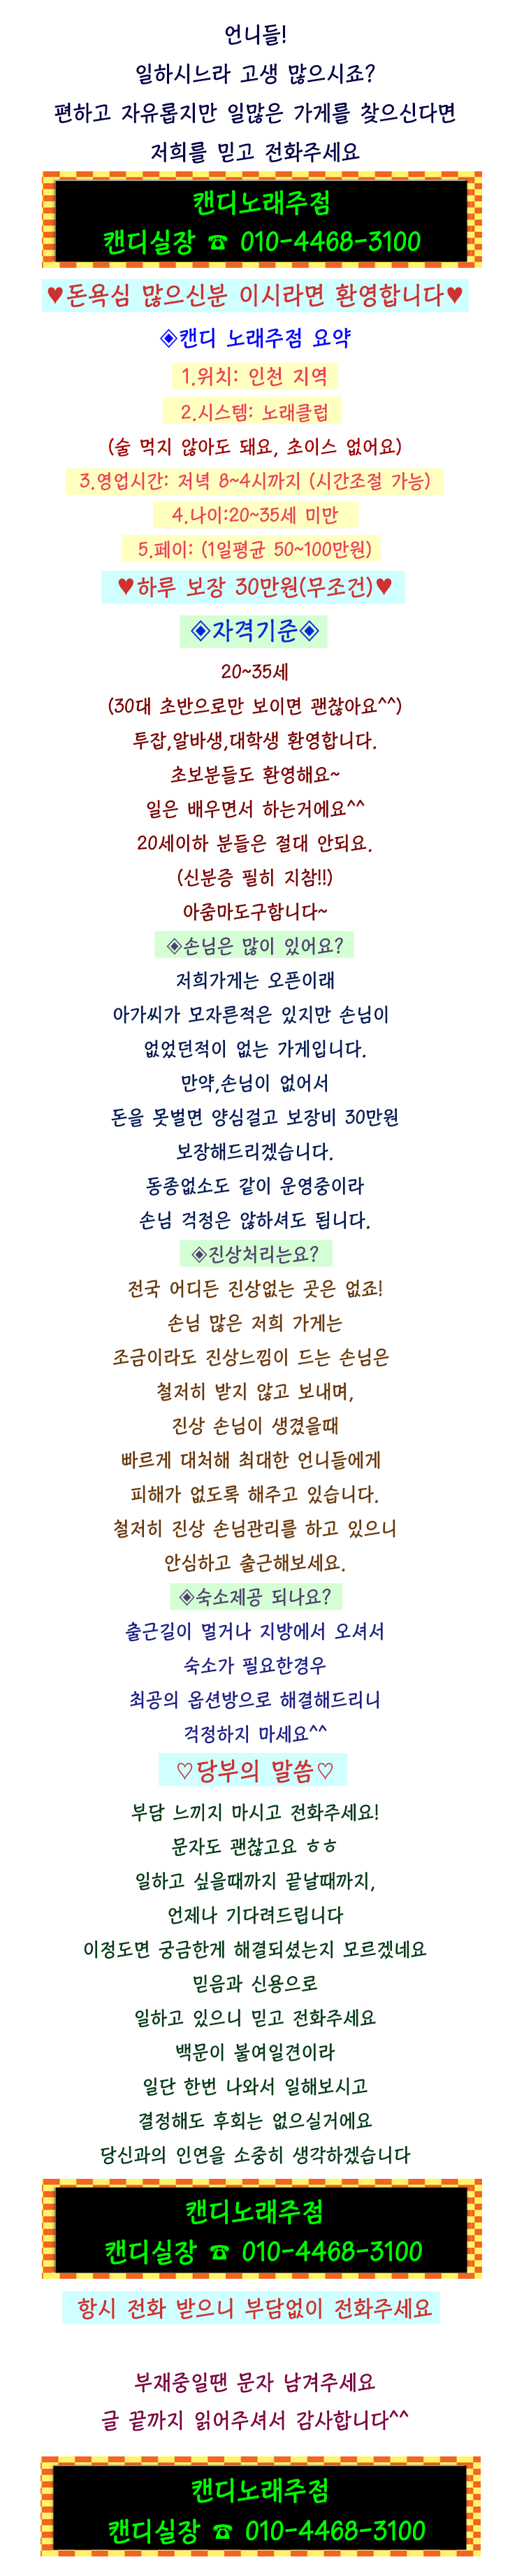 인천 캔디 입니다. 많은 이용 부탁 드립니다.